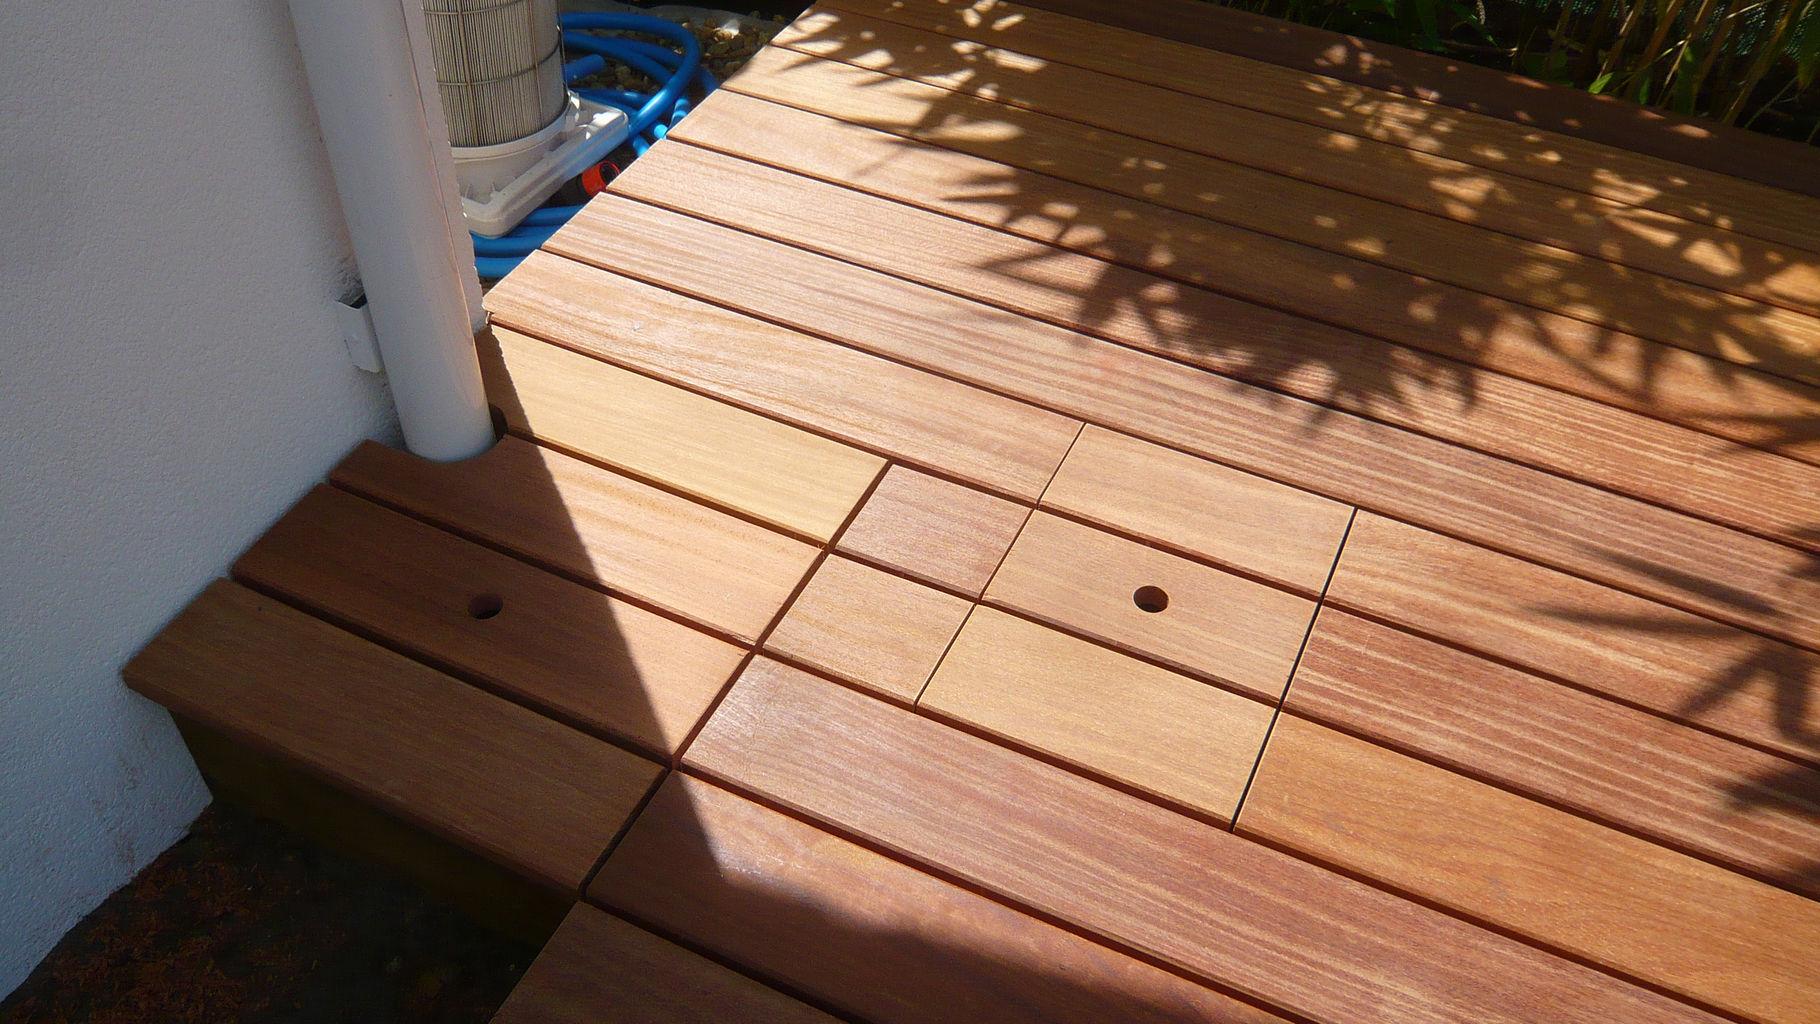 comment installer une terrasse en bois composite diverses id es de conception de. Black Bedroom Furniture Sets. Home Design Ideas